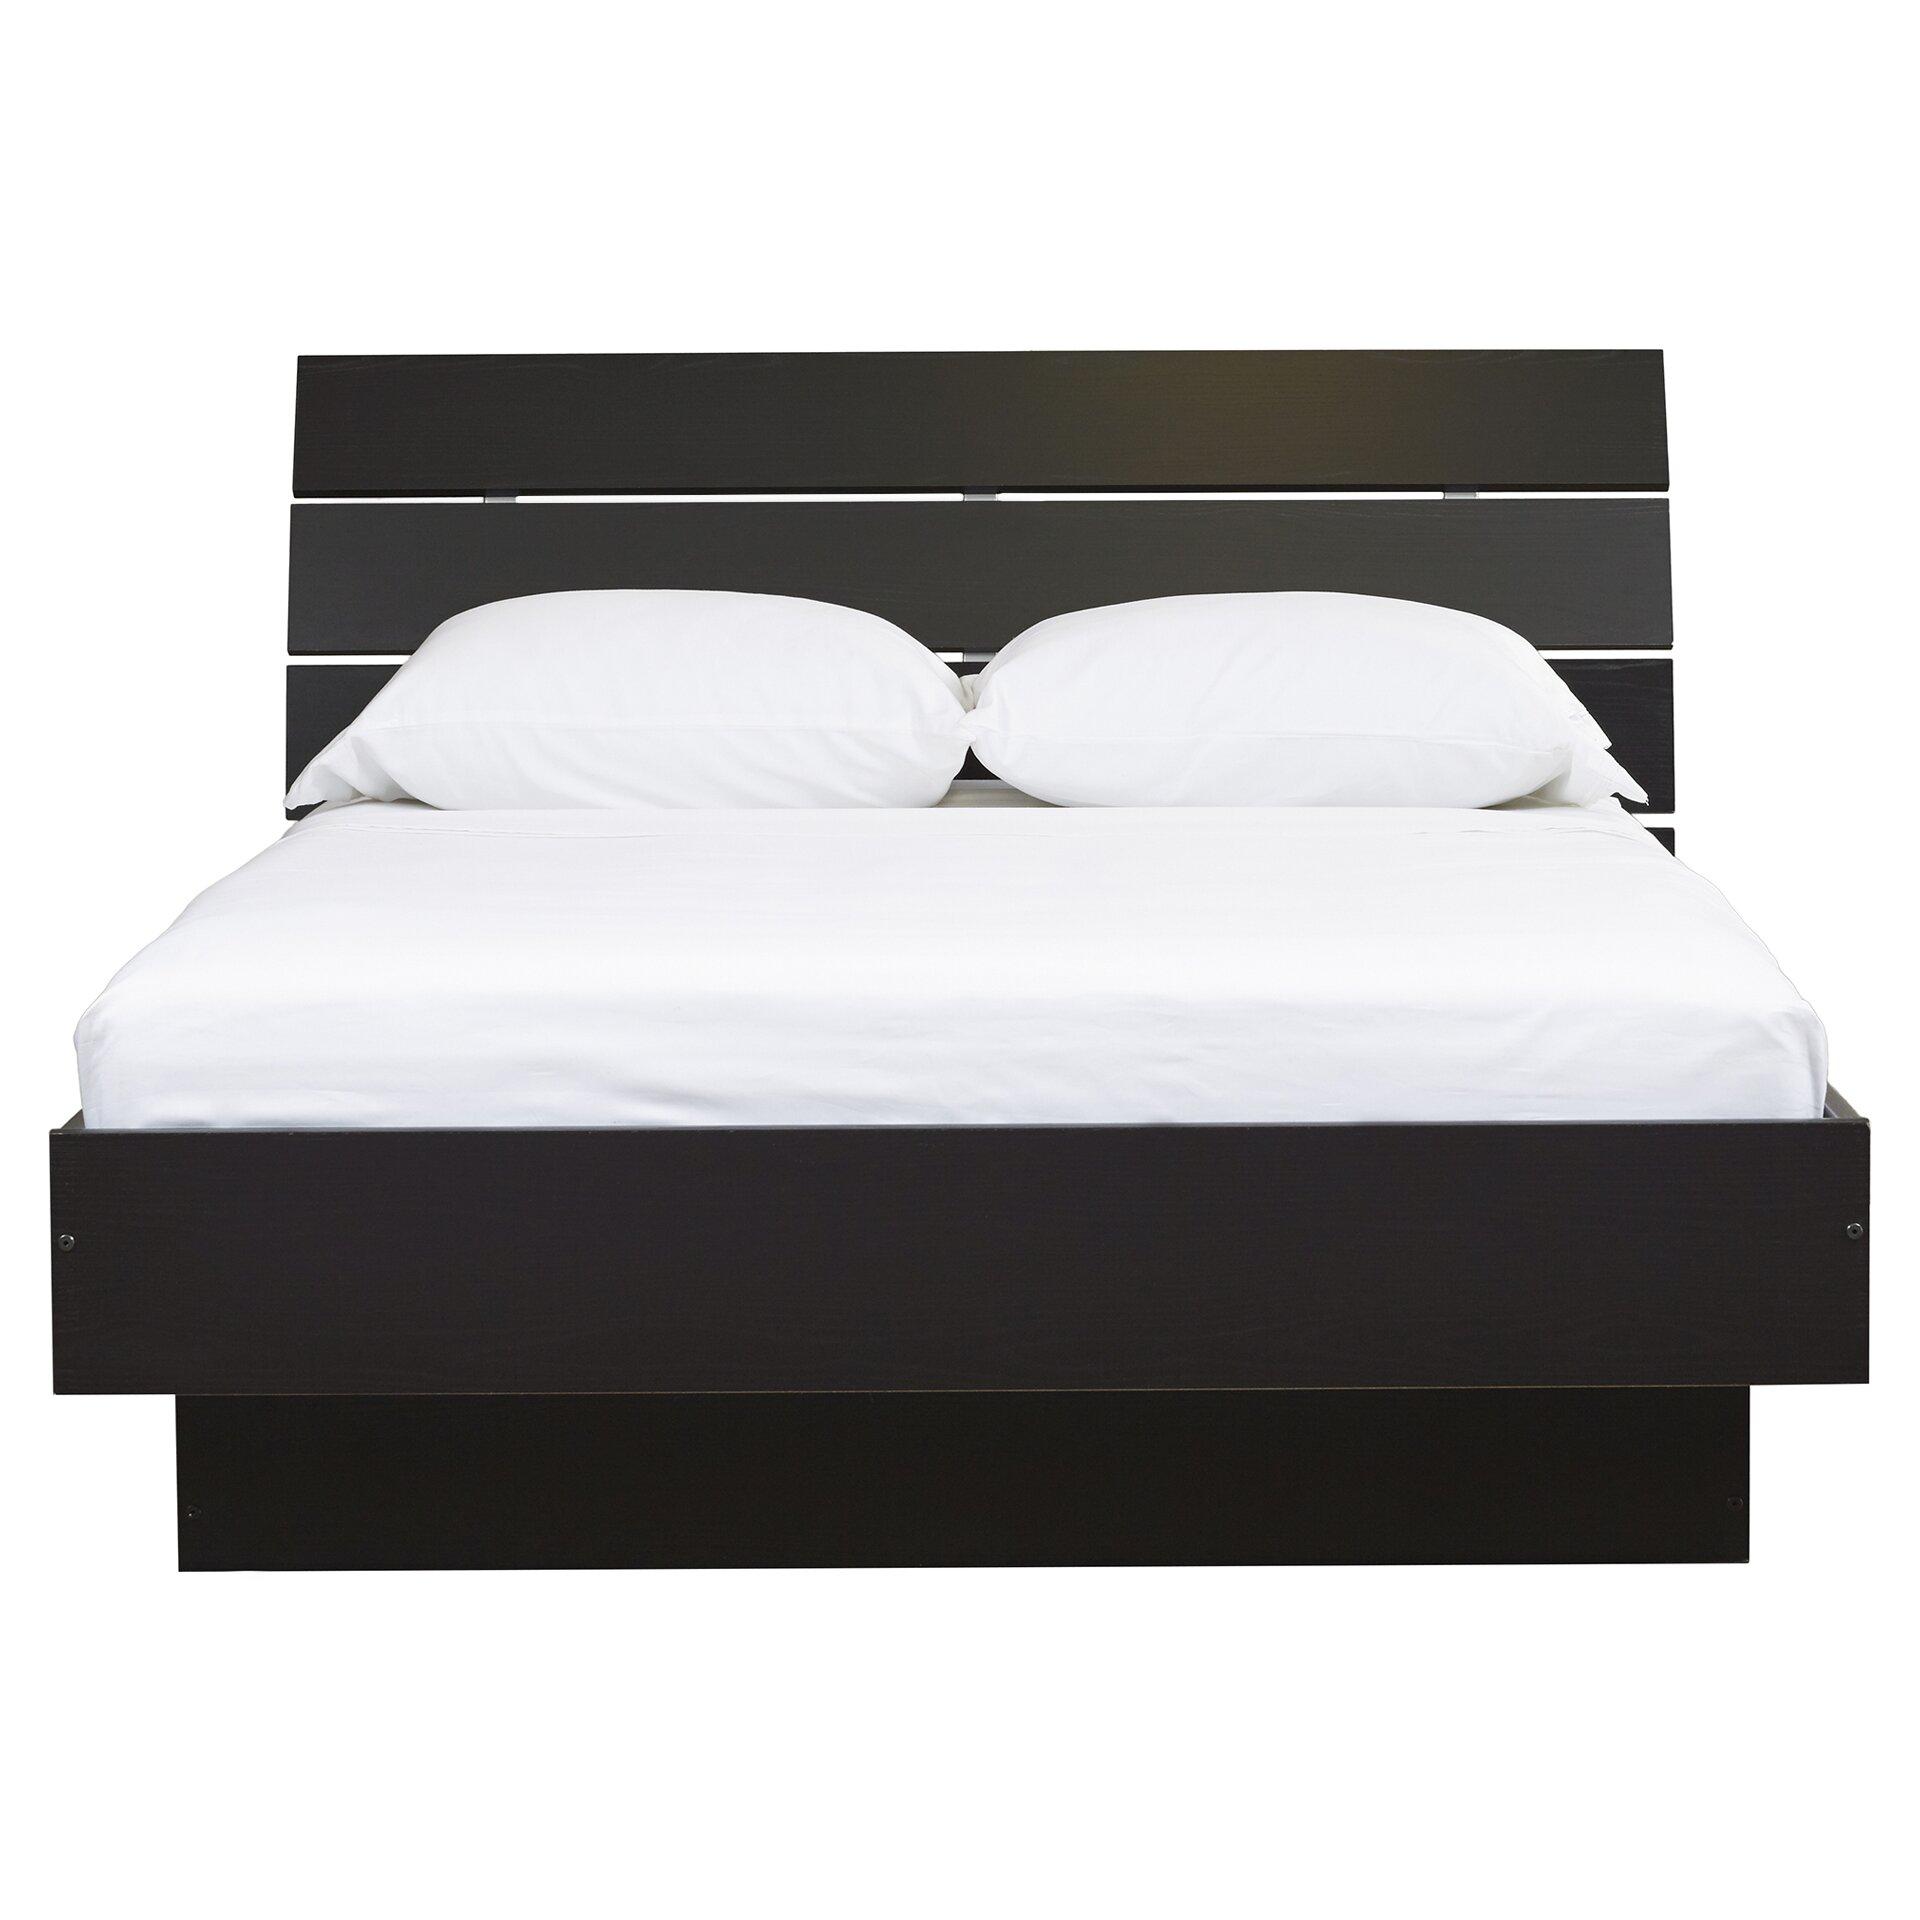 Room and board platform bed - West Oak Lane Platform Bed